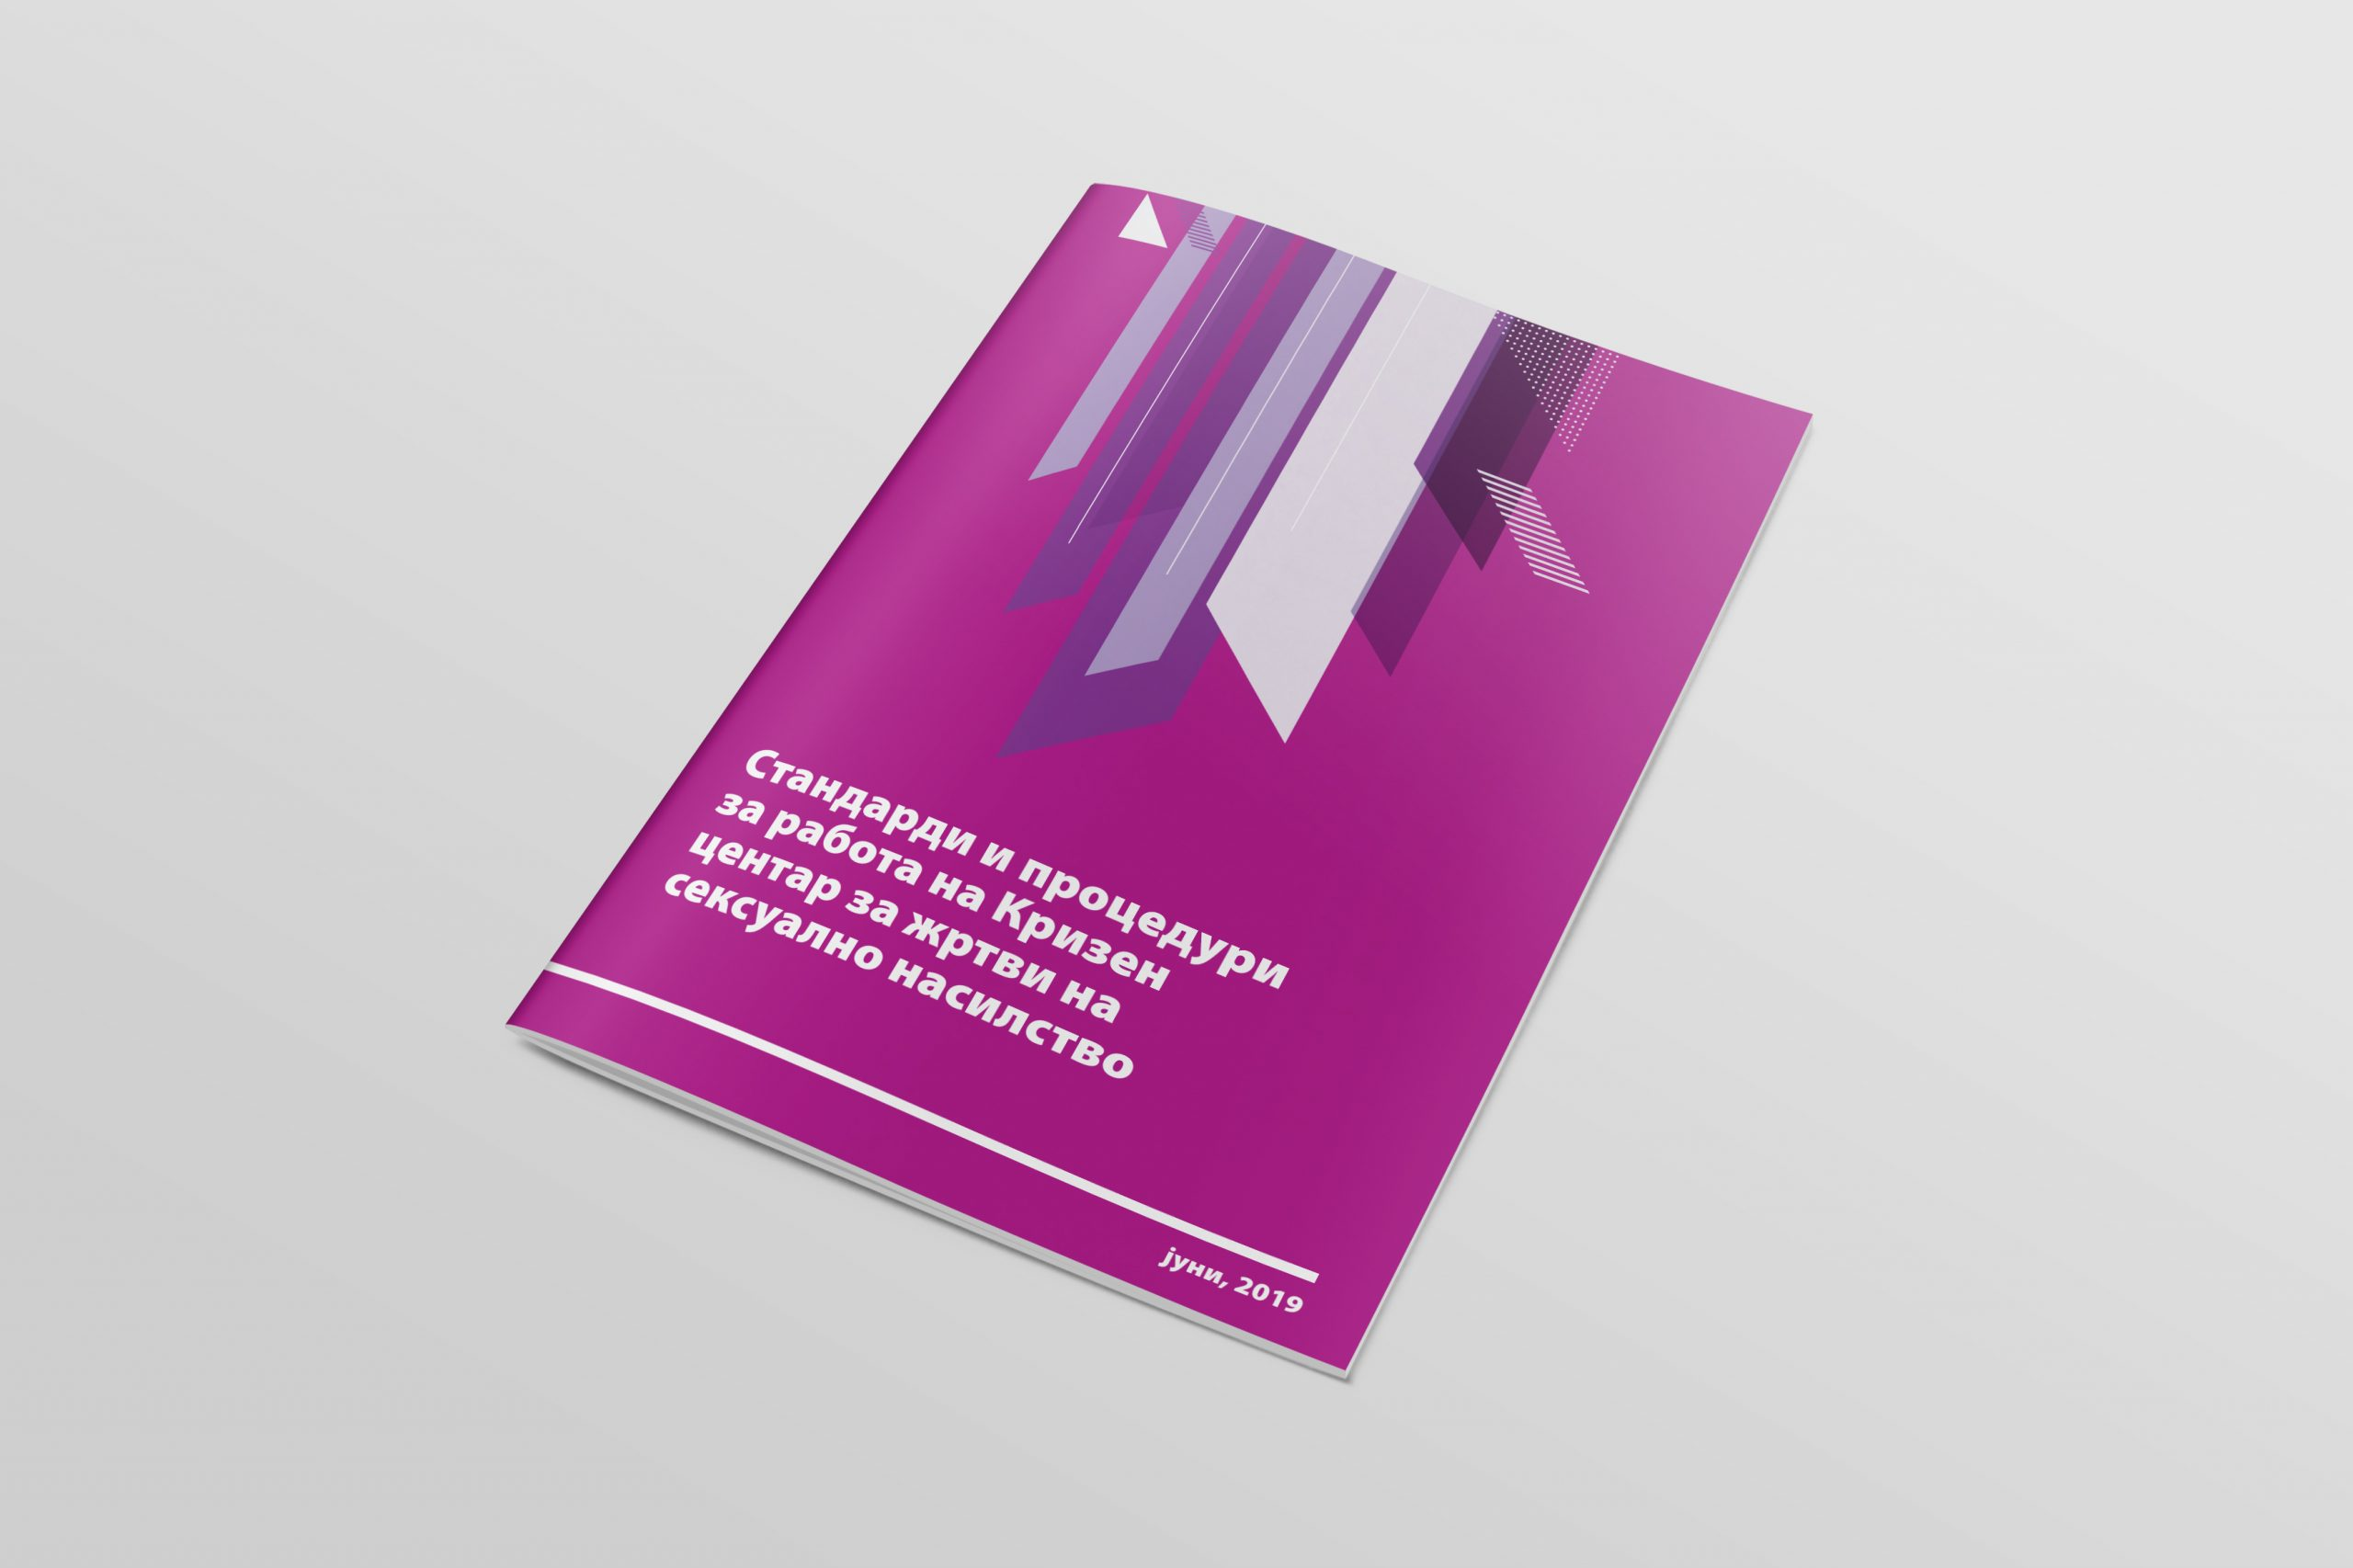 Стандарди и процедури за работа на Кризен центар за жртви на сексуално насилство